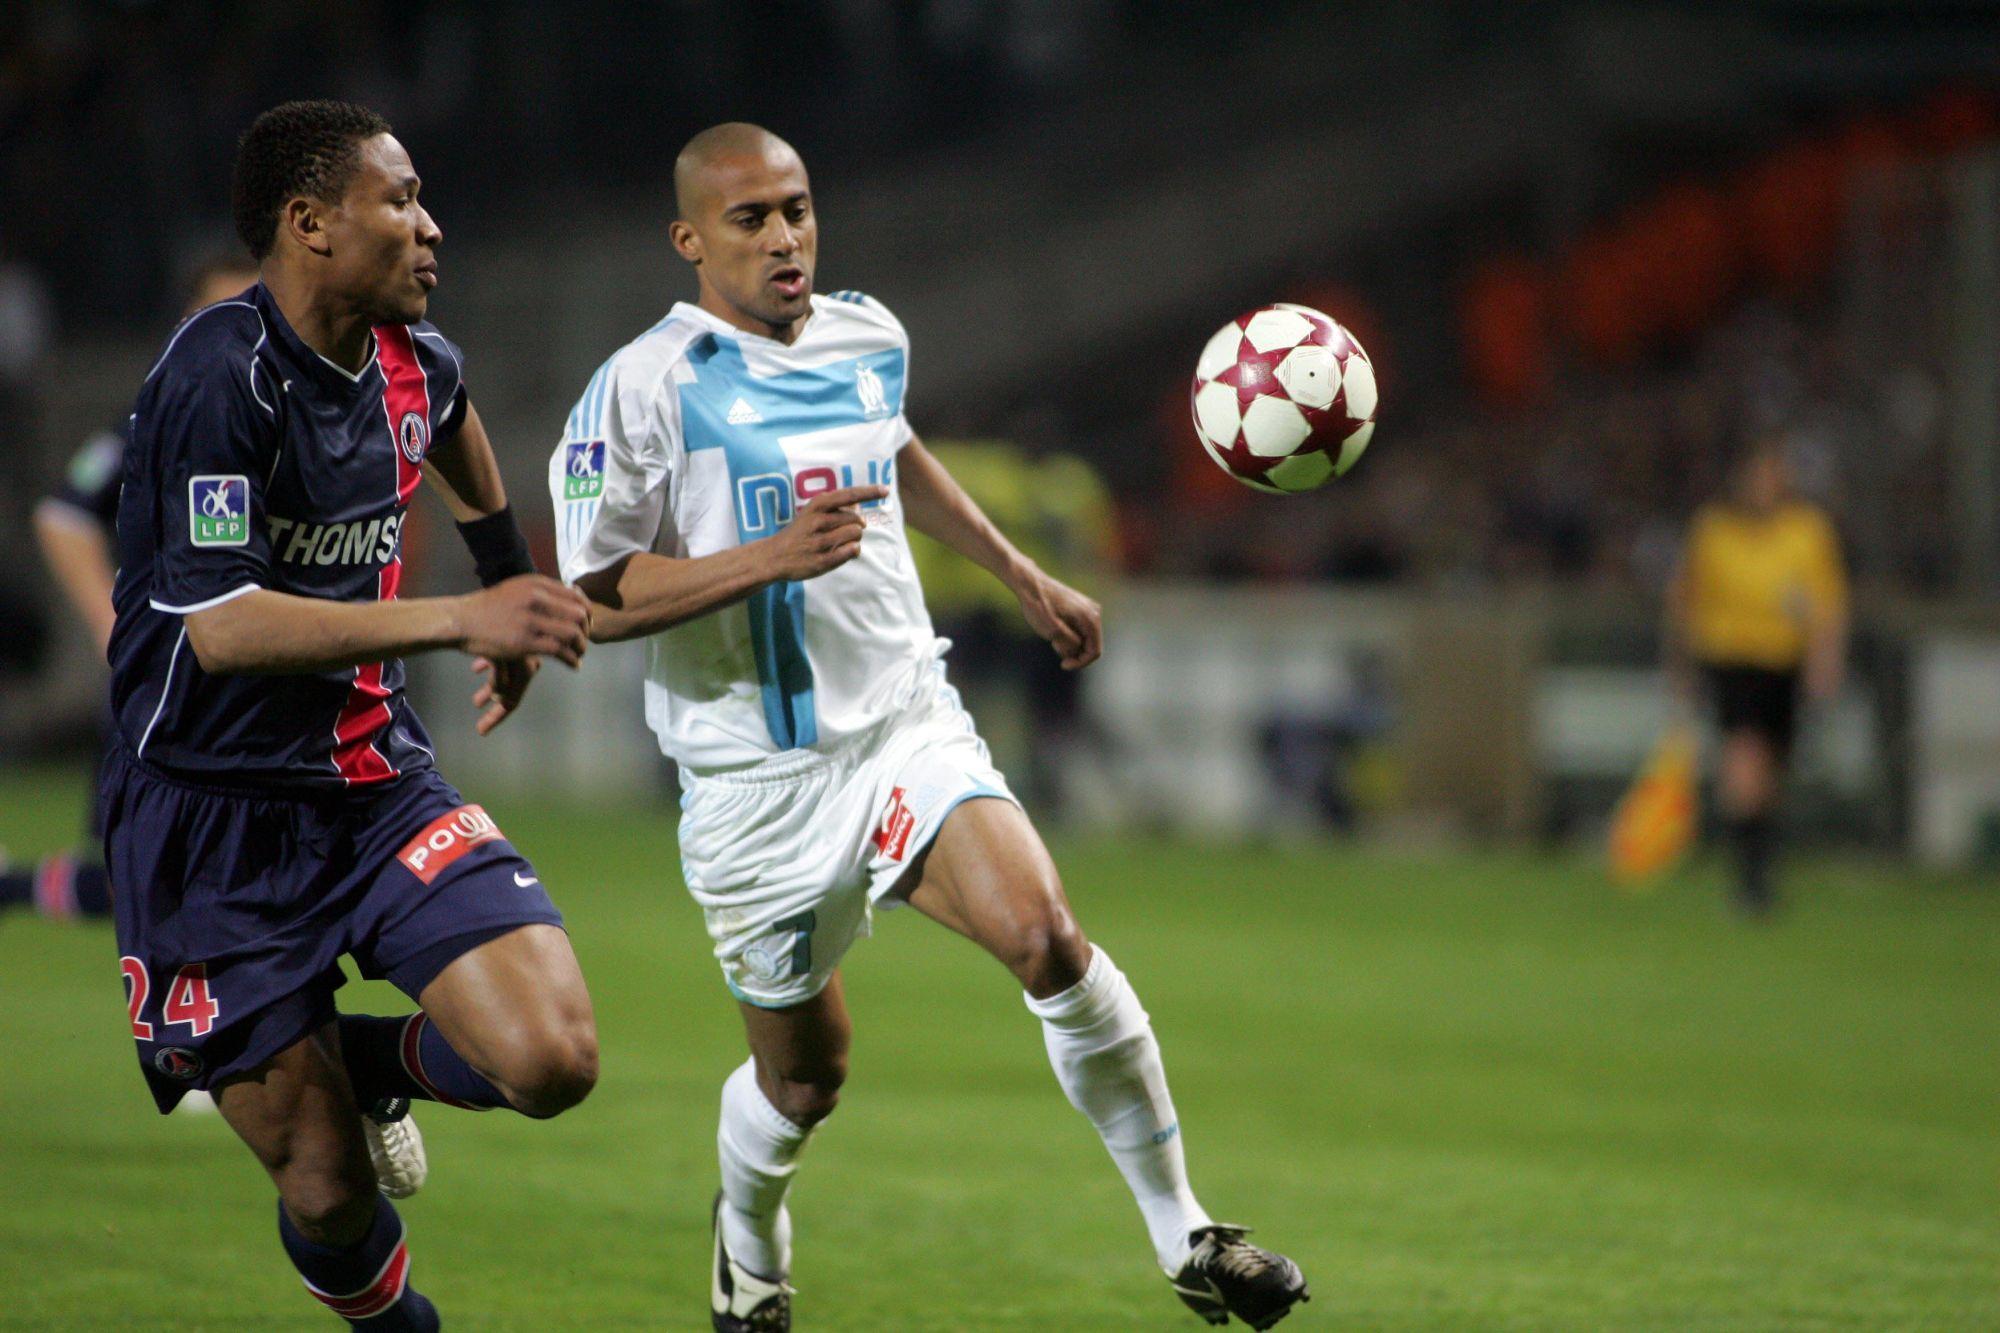 PSG/Monaco - Il n'y aura pas de décompression après le succès à Barcelone, selon Pierre-Fanfan